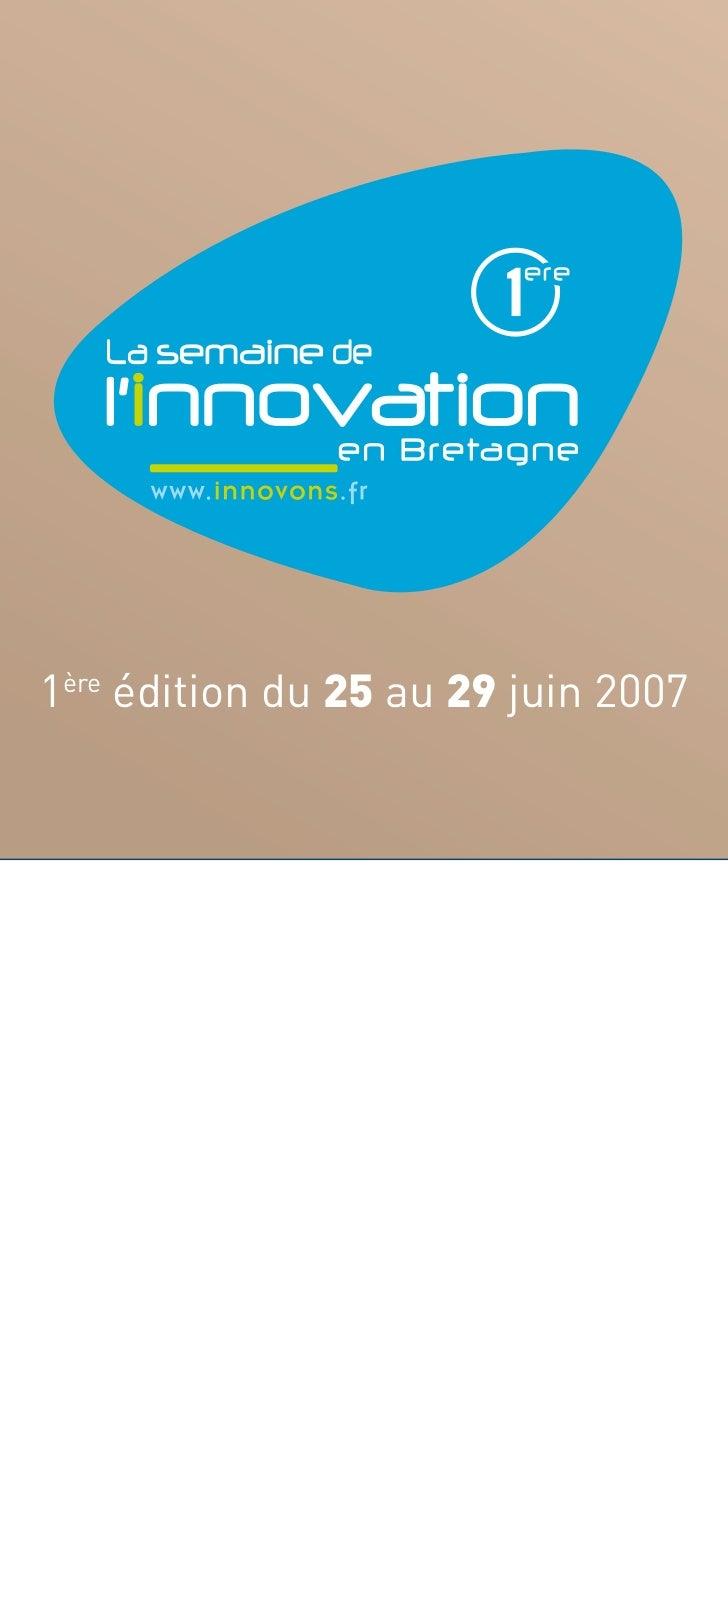 1ère édition du 25 au 29 juin 2007